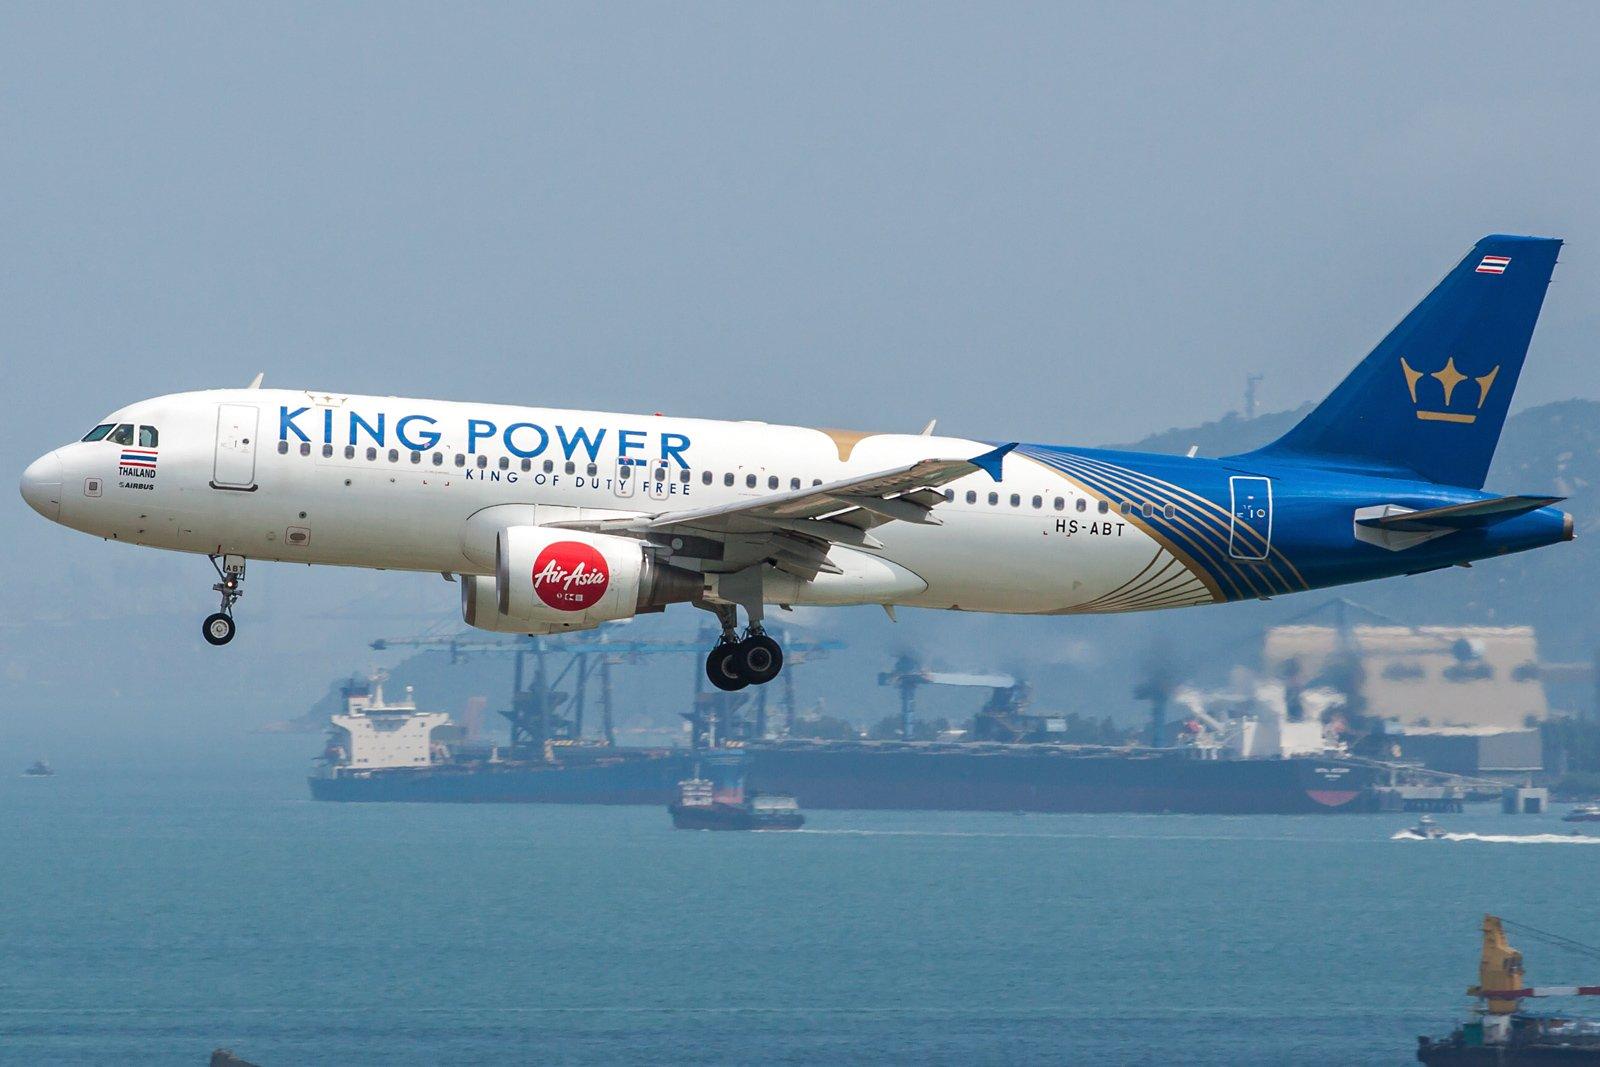 Thai AirAsia Airbus A320-216 HS-ABT